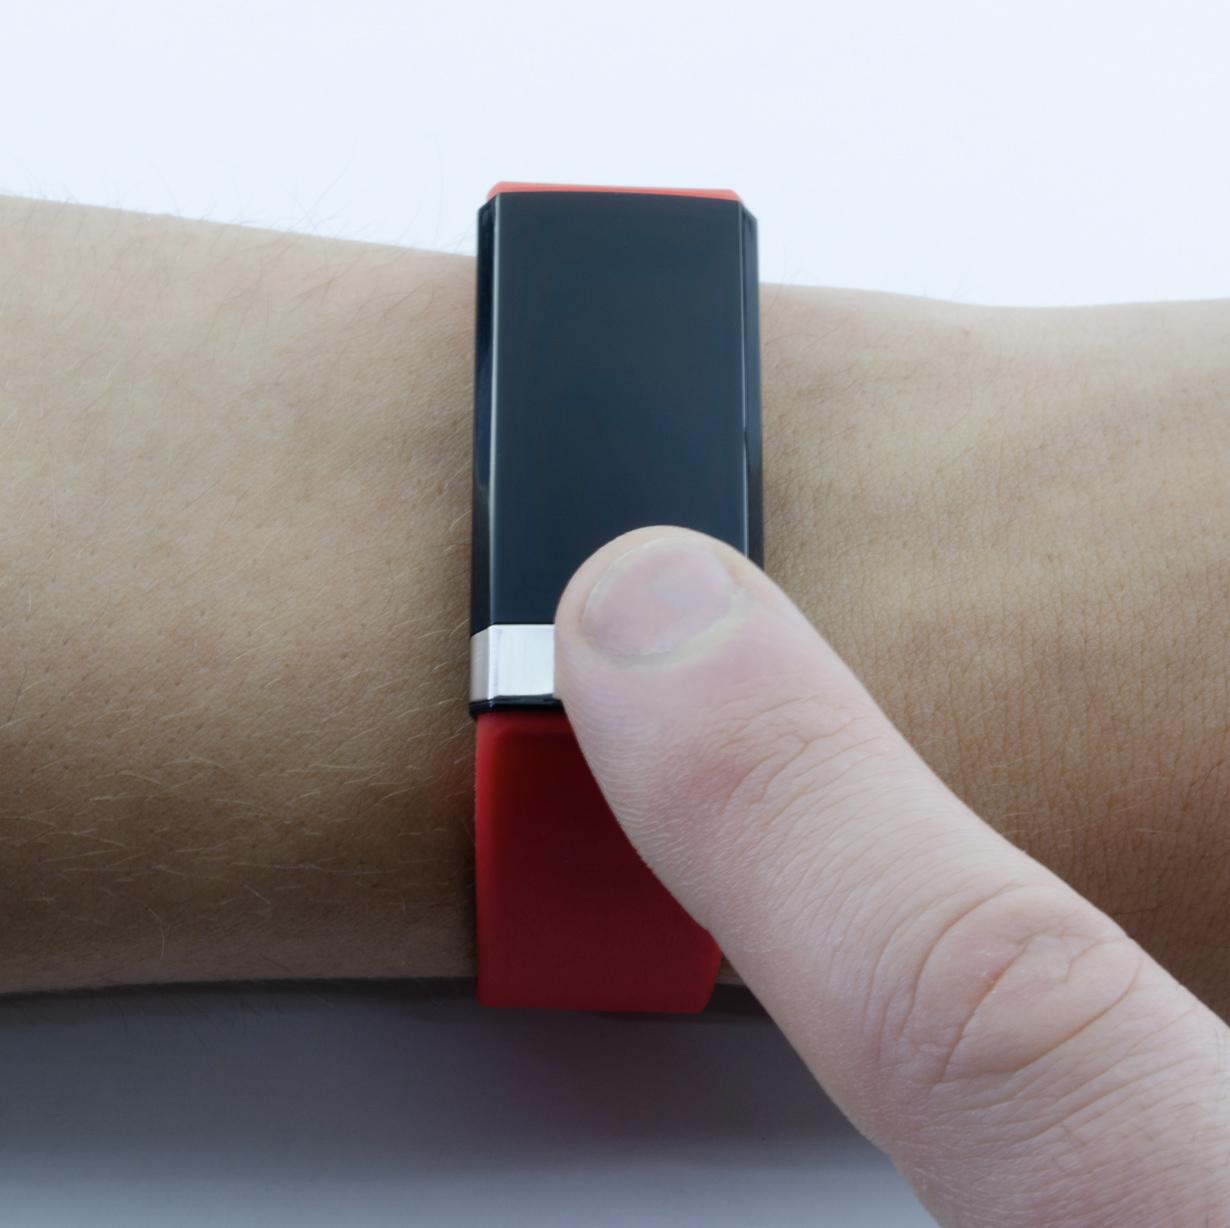 Профессиональный браслет здоровья с автоматическим измерением давления, пульса, кислорода, HRV, снятием ЭКГ и контролем аномального пульса  Biomer №19 (HB) (красный)